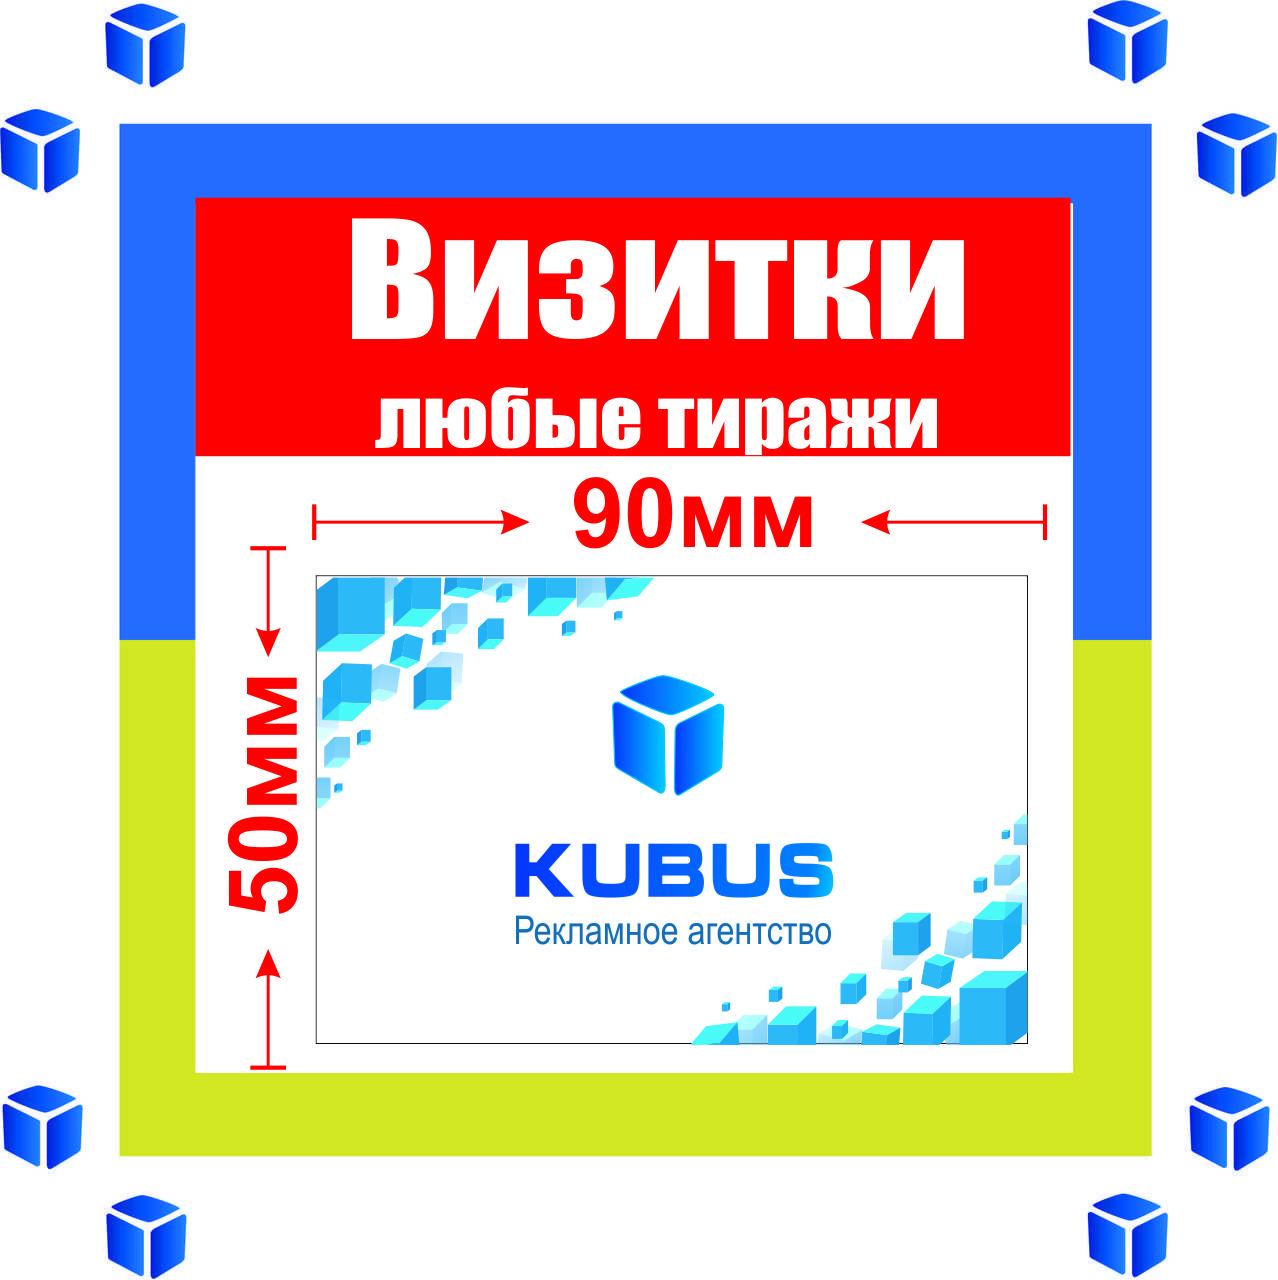 Визитки цветные двухсторонние 5 000 шт(любые тиражи,защитный лак матовый/ 2 дня )